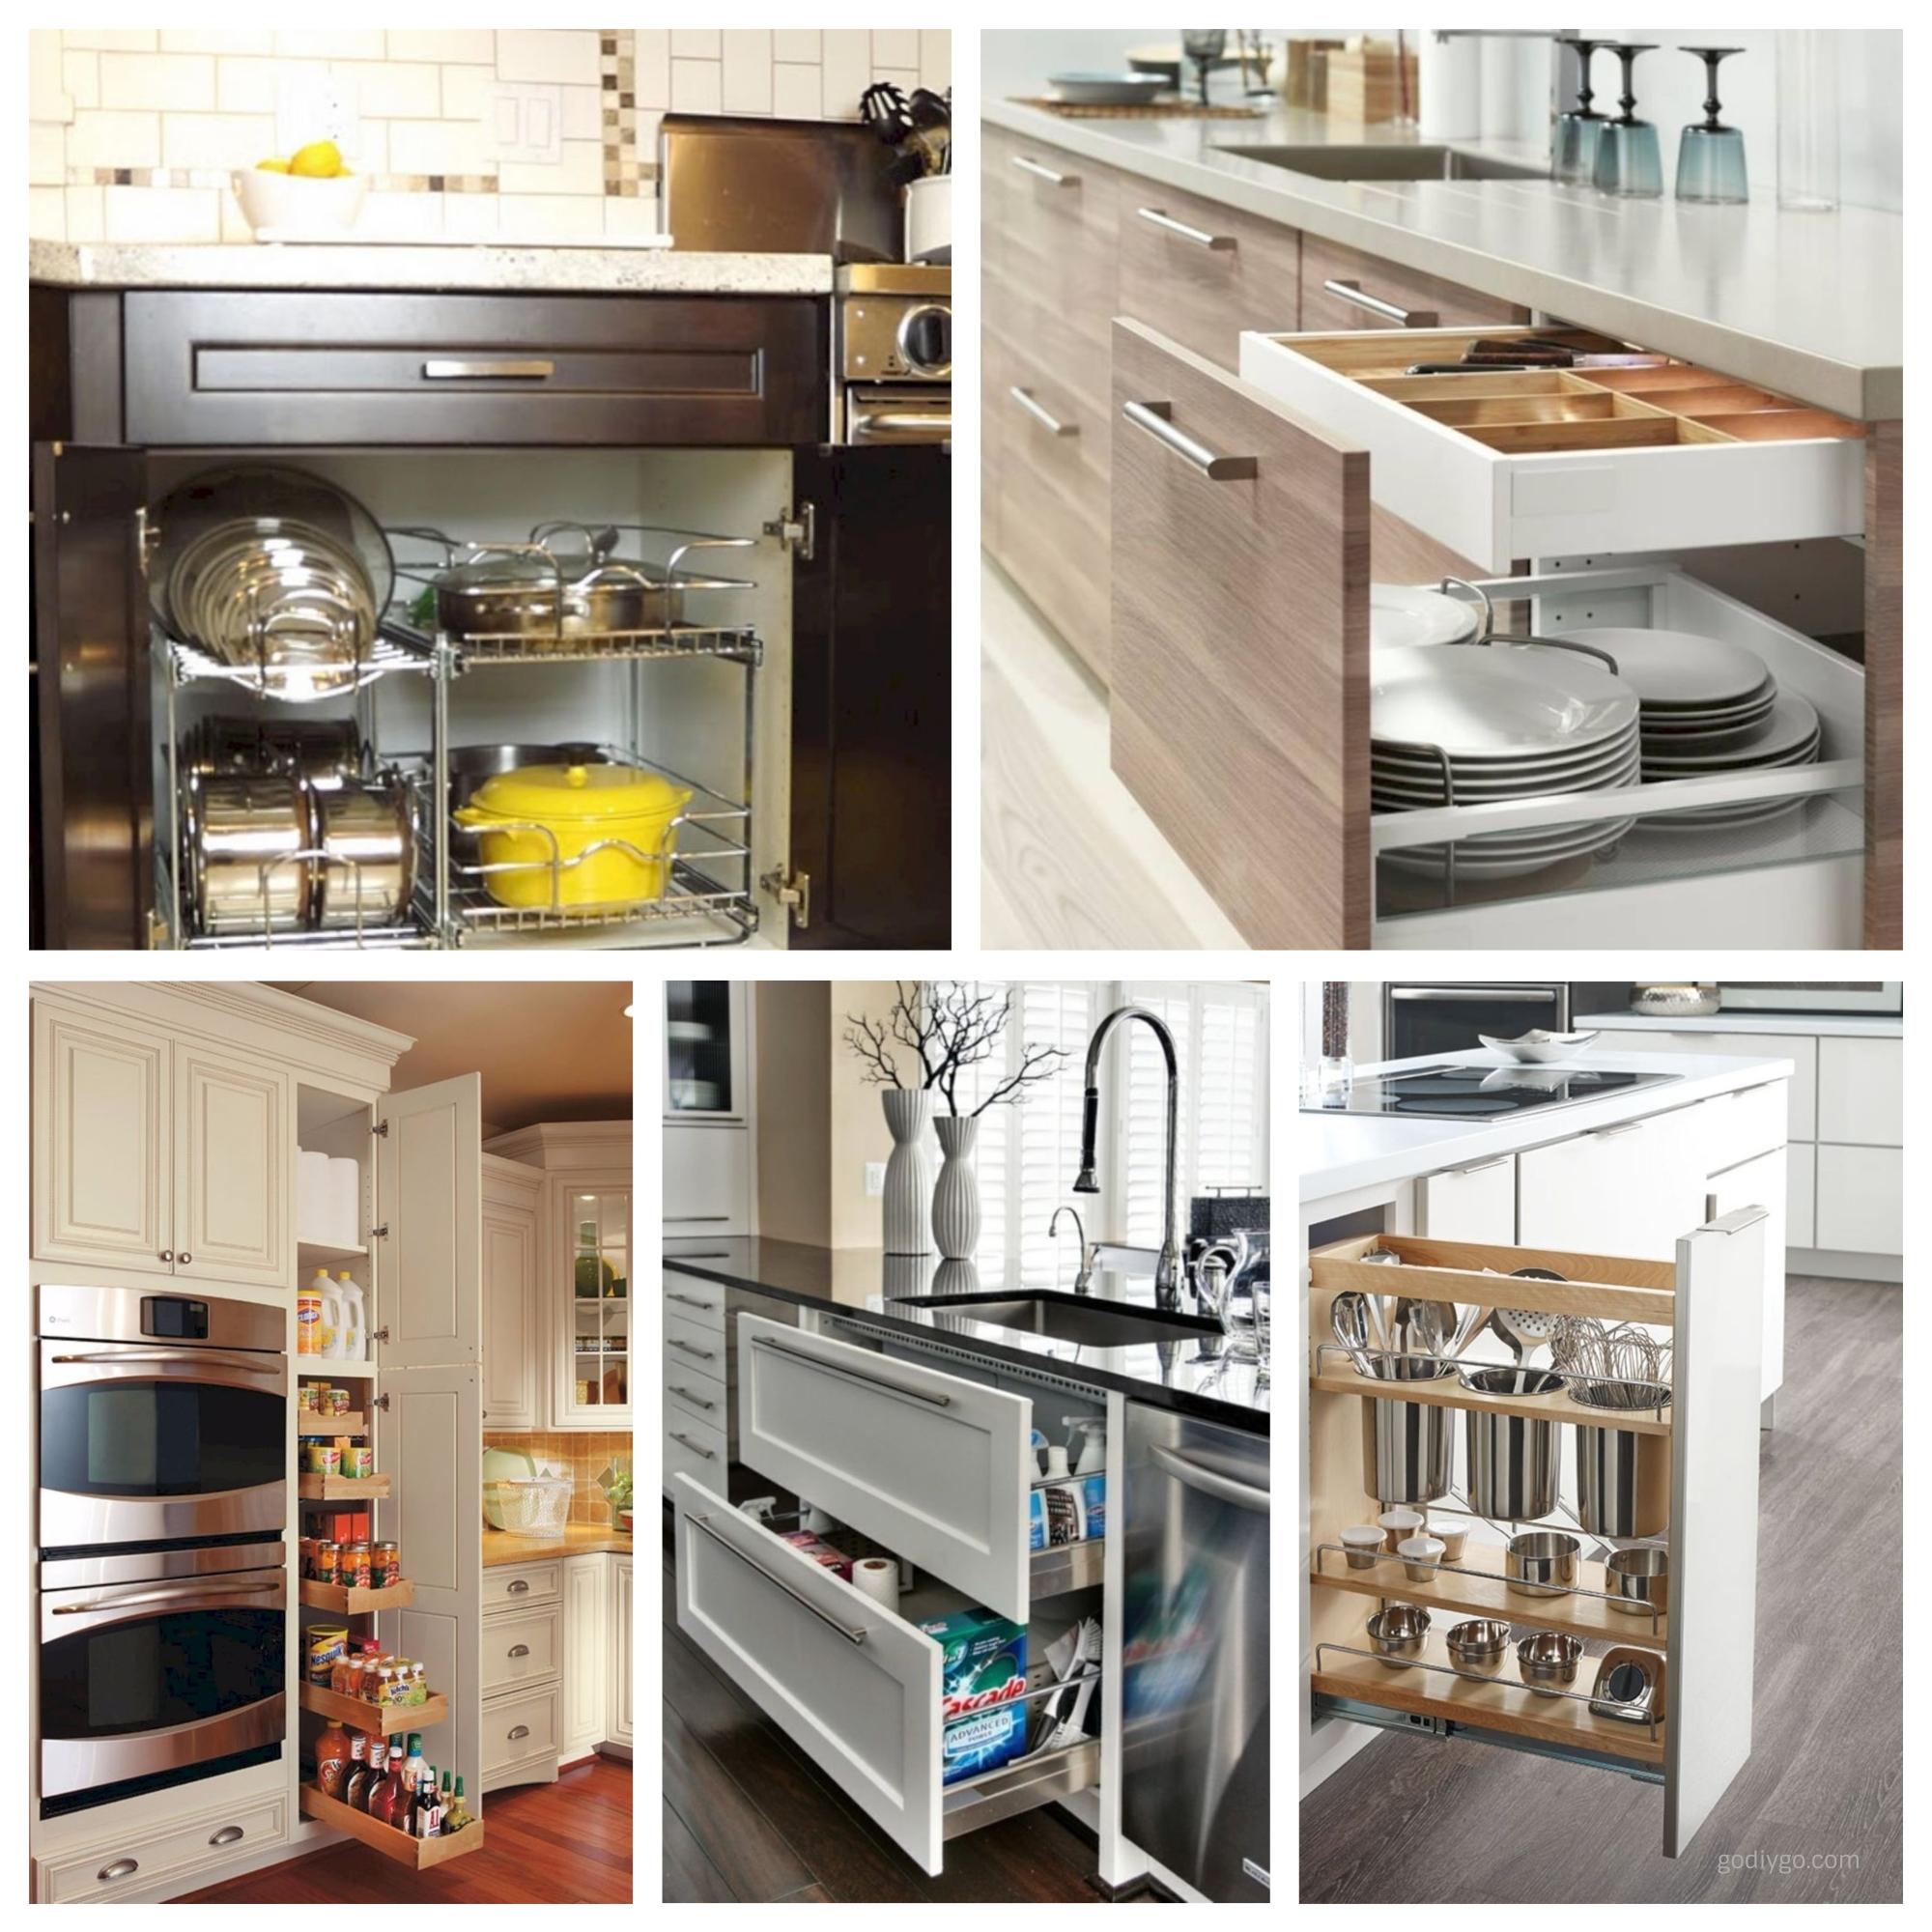 44 smart kitchen cabinet organization ideas godiygo com rh godiygo com kitchen cupboard organizing ideas kitchen cabinet organizers ideas